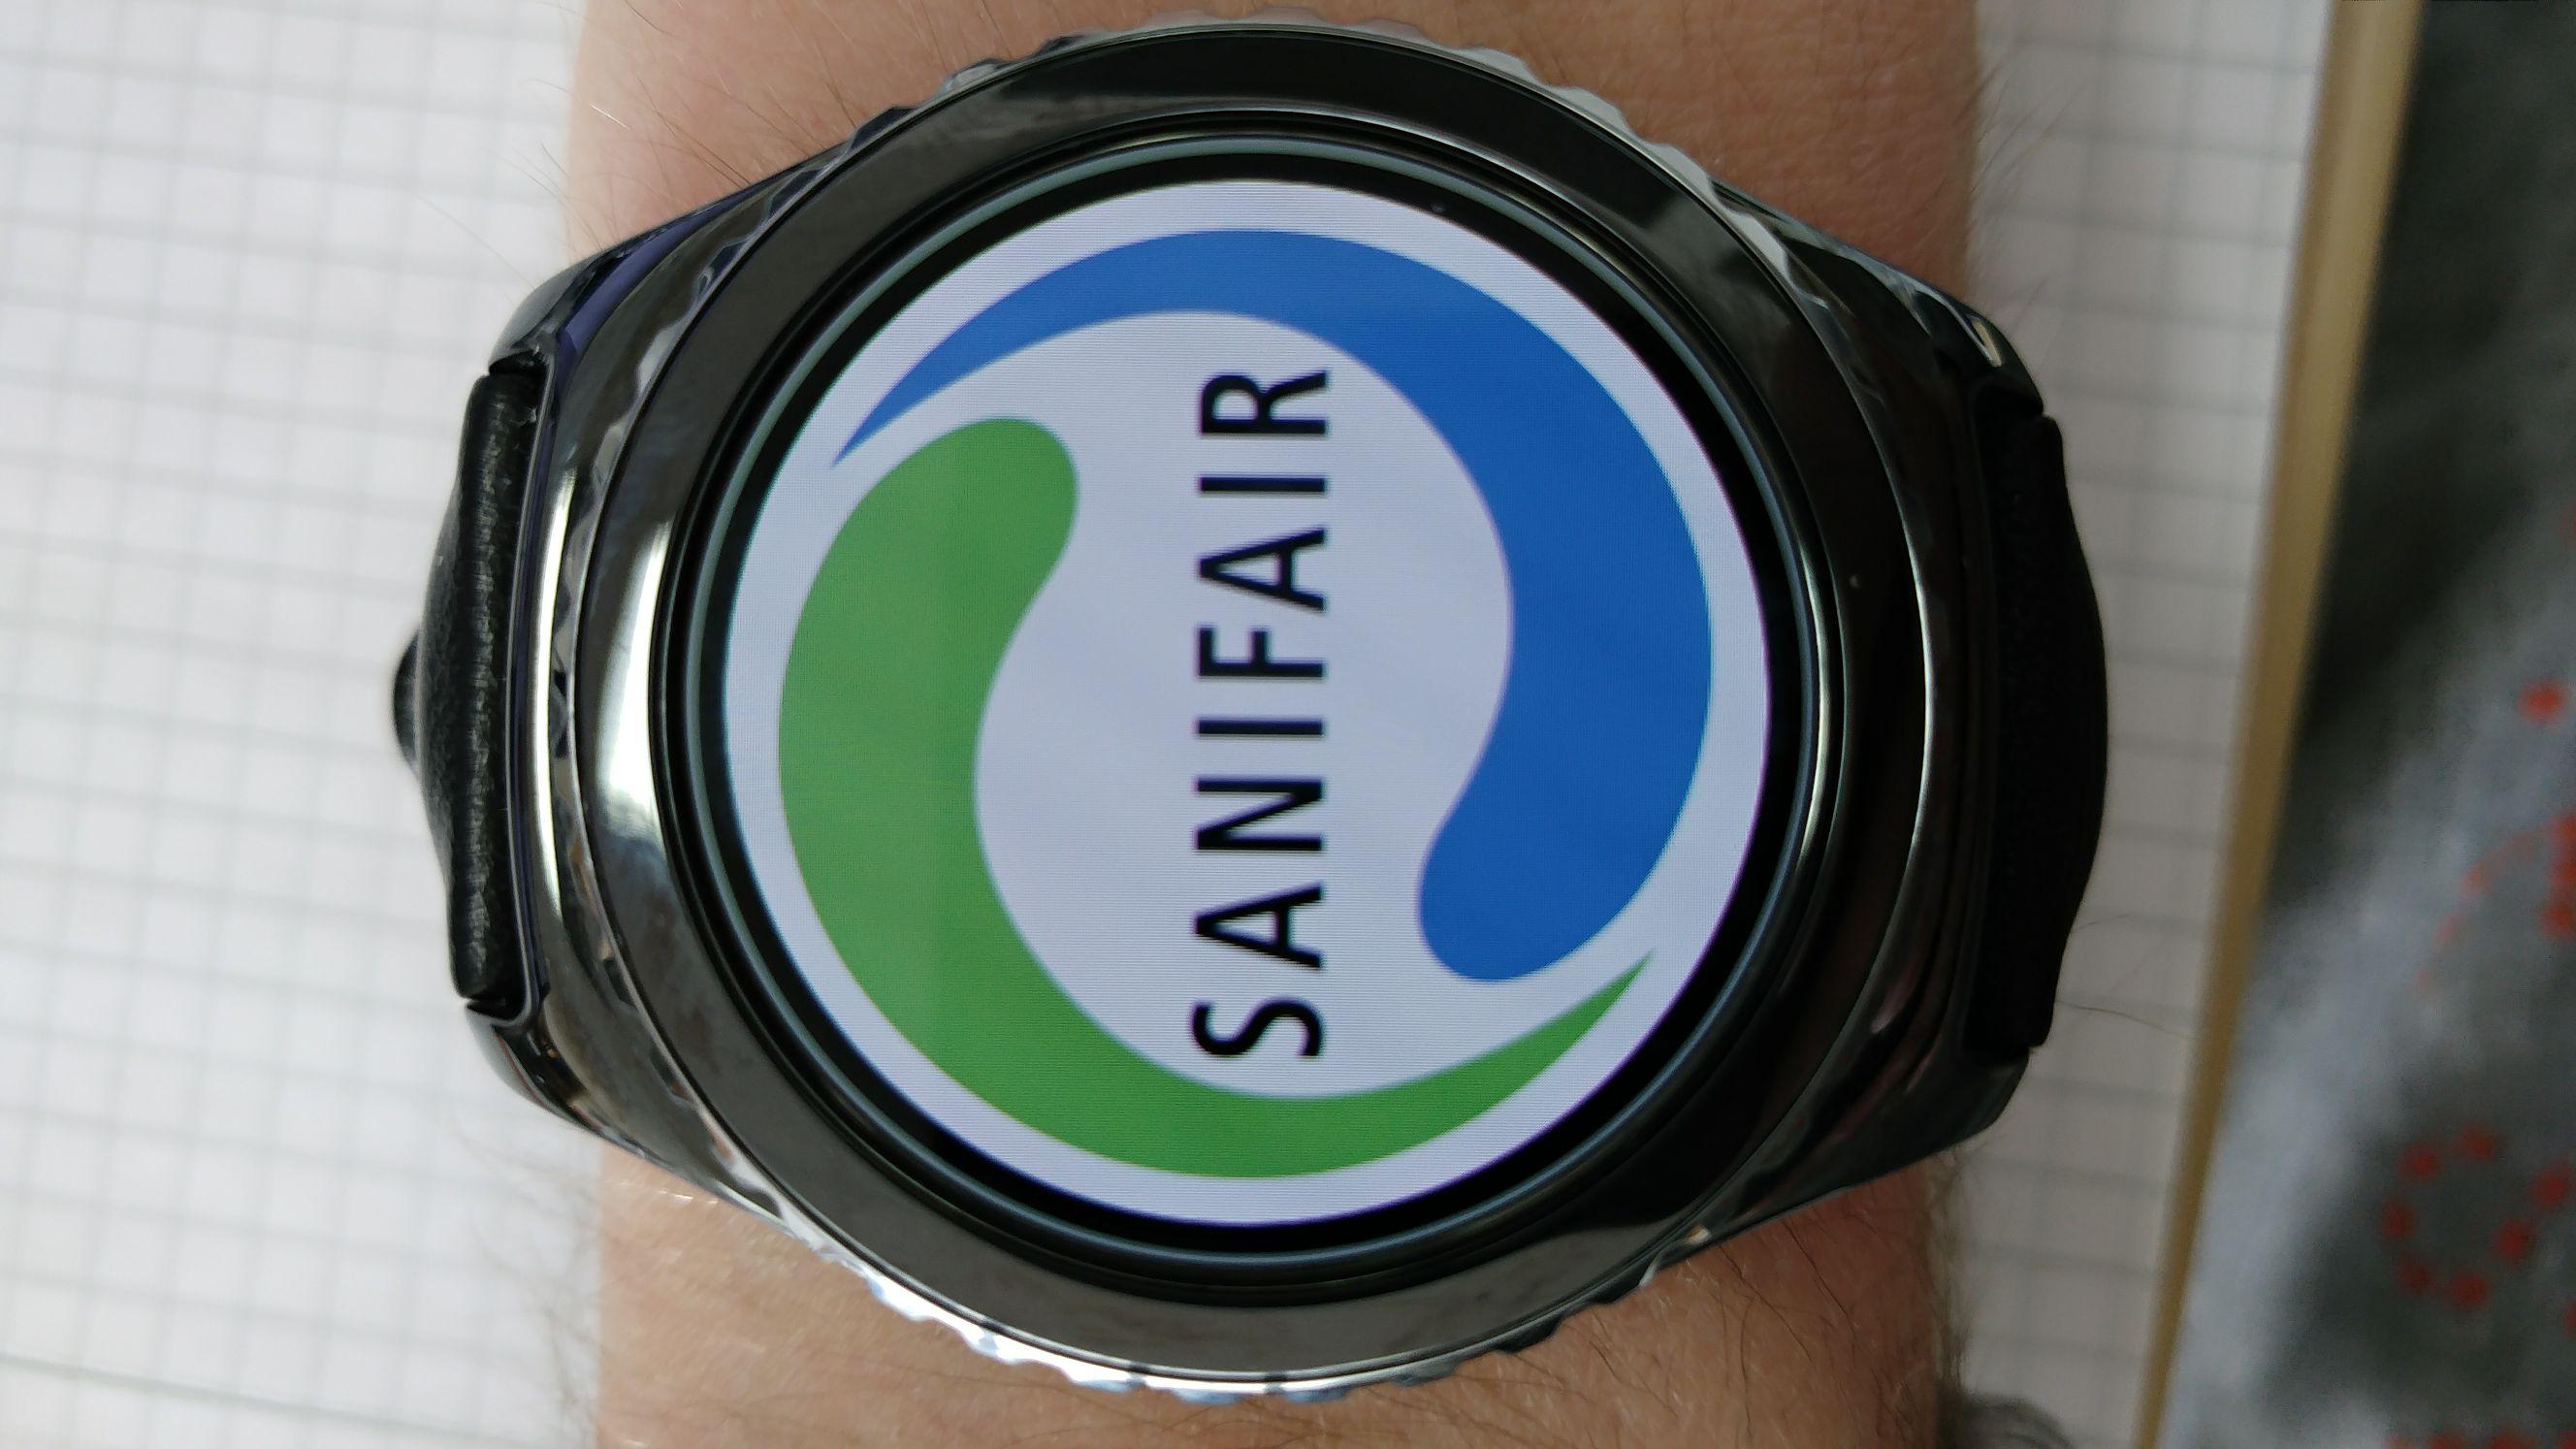 25 mal Sanifair Nutzung gratis mit Samsung gear s3